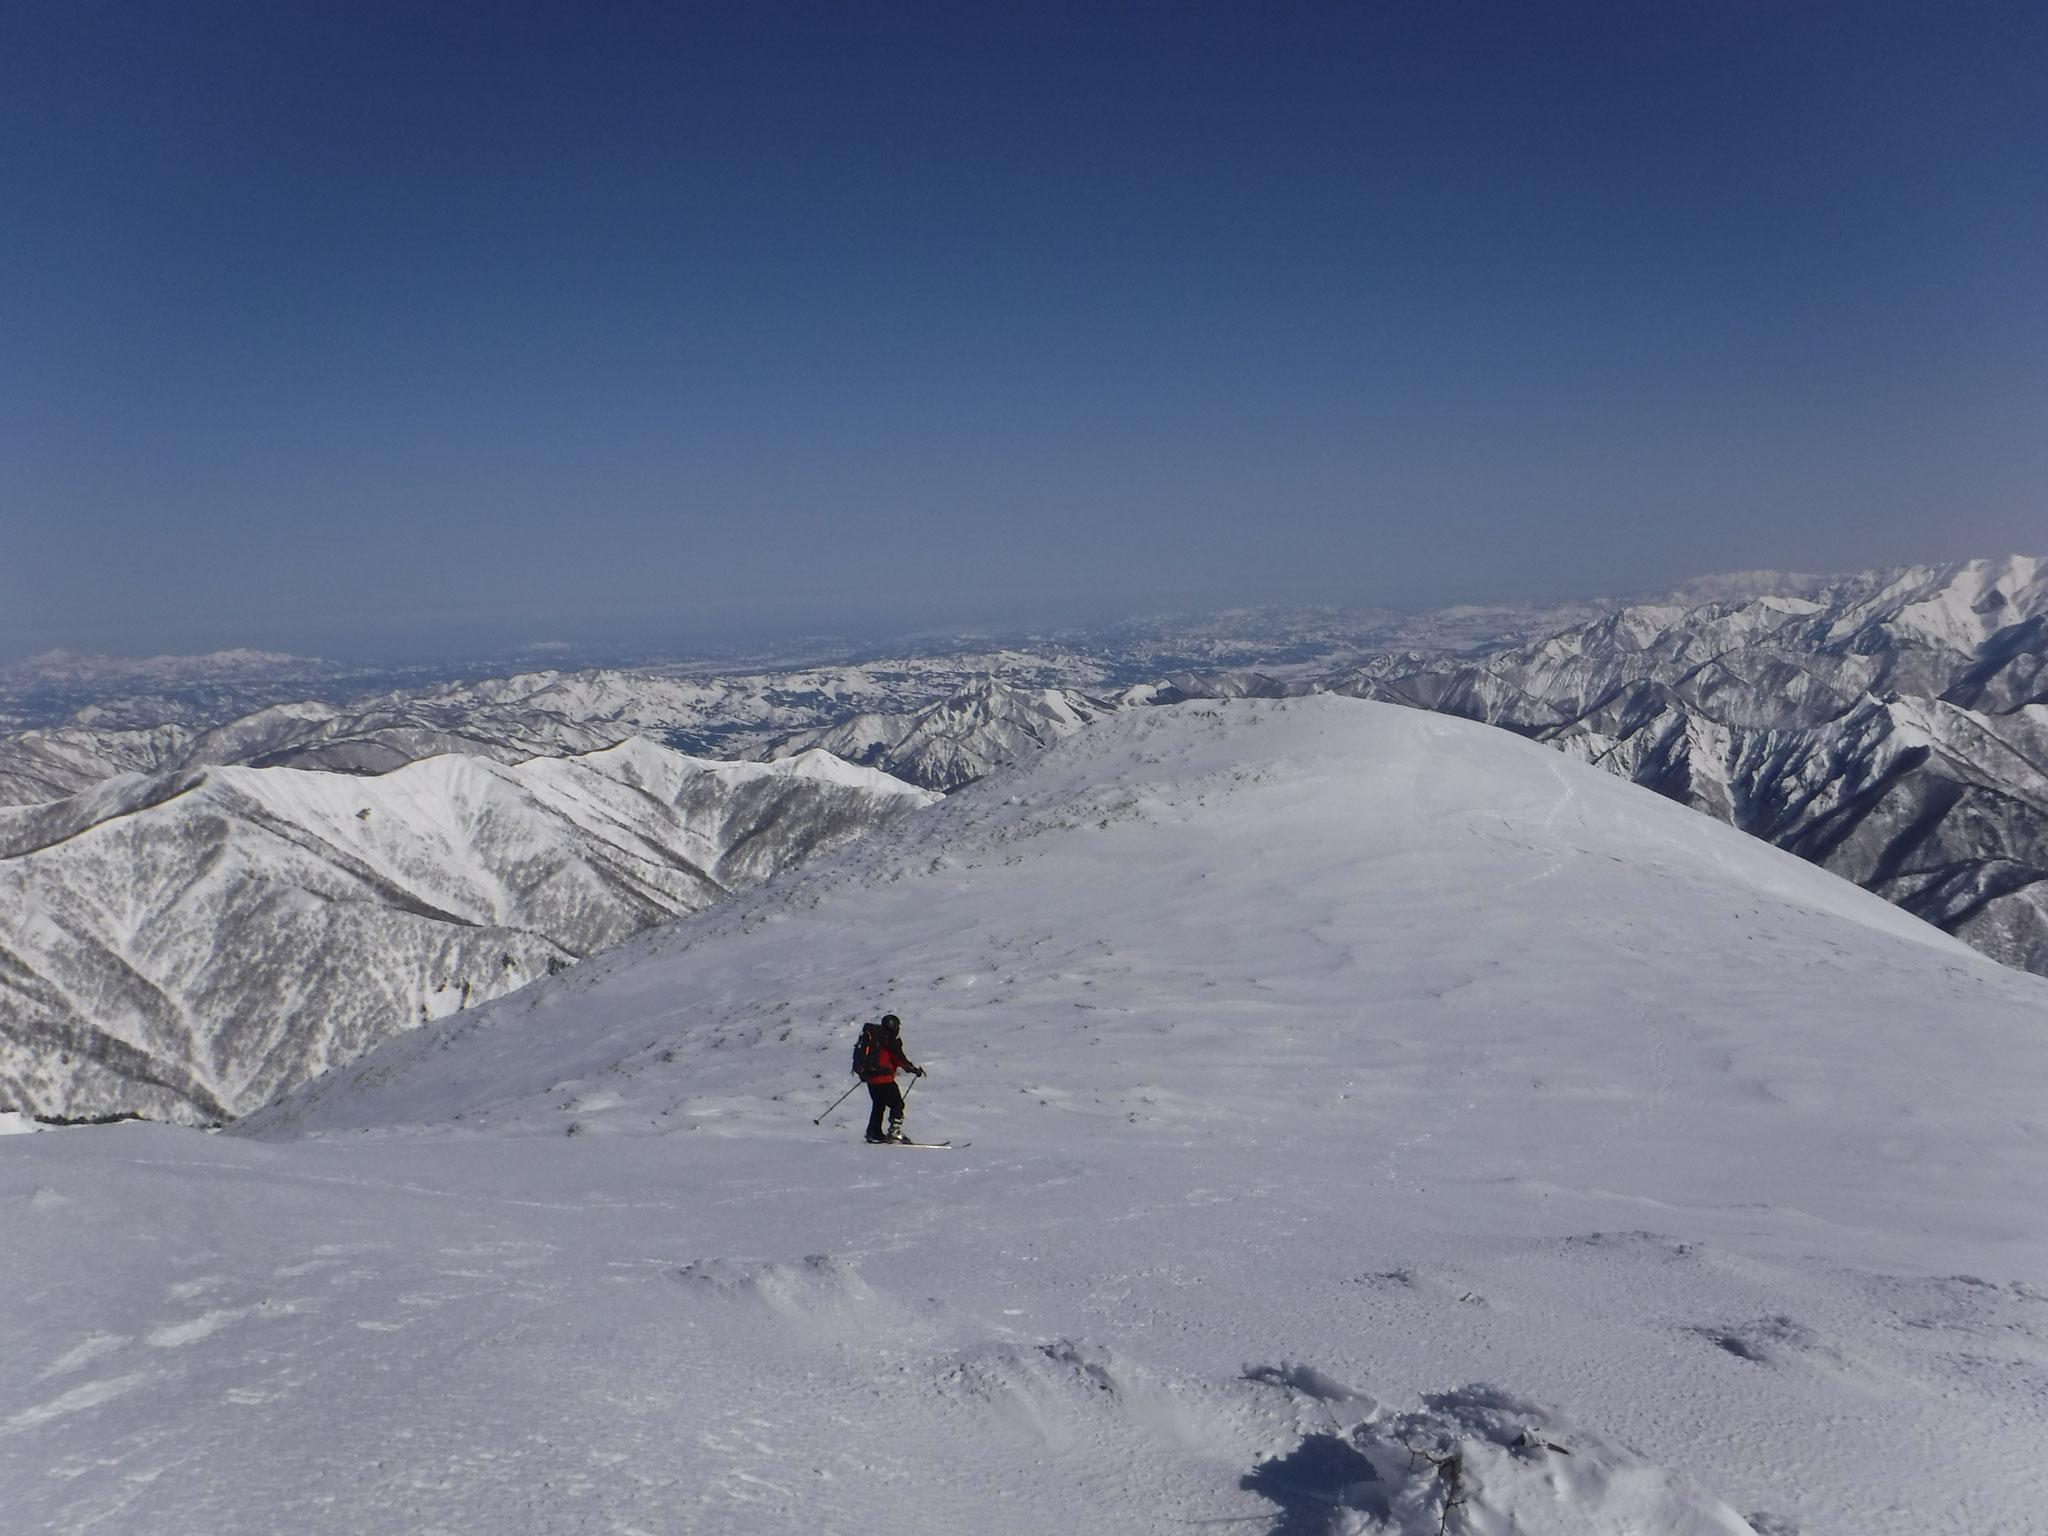 9:30 仙ノ倉山、山頂北側、シッケイ沢への下降地点へ